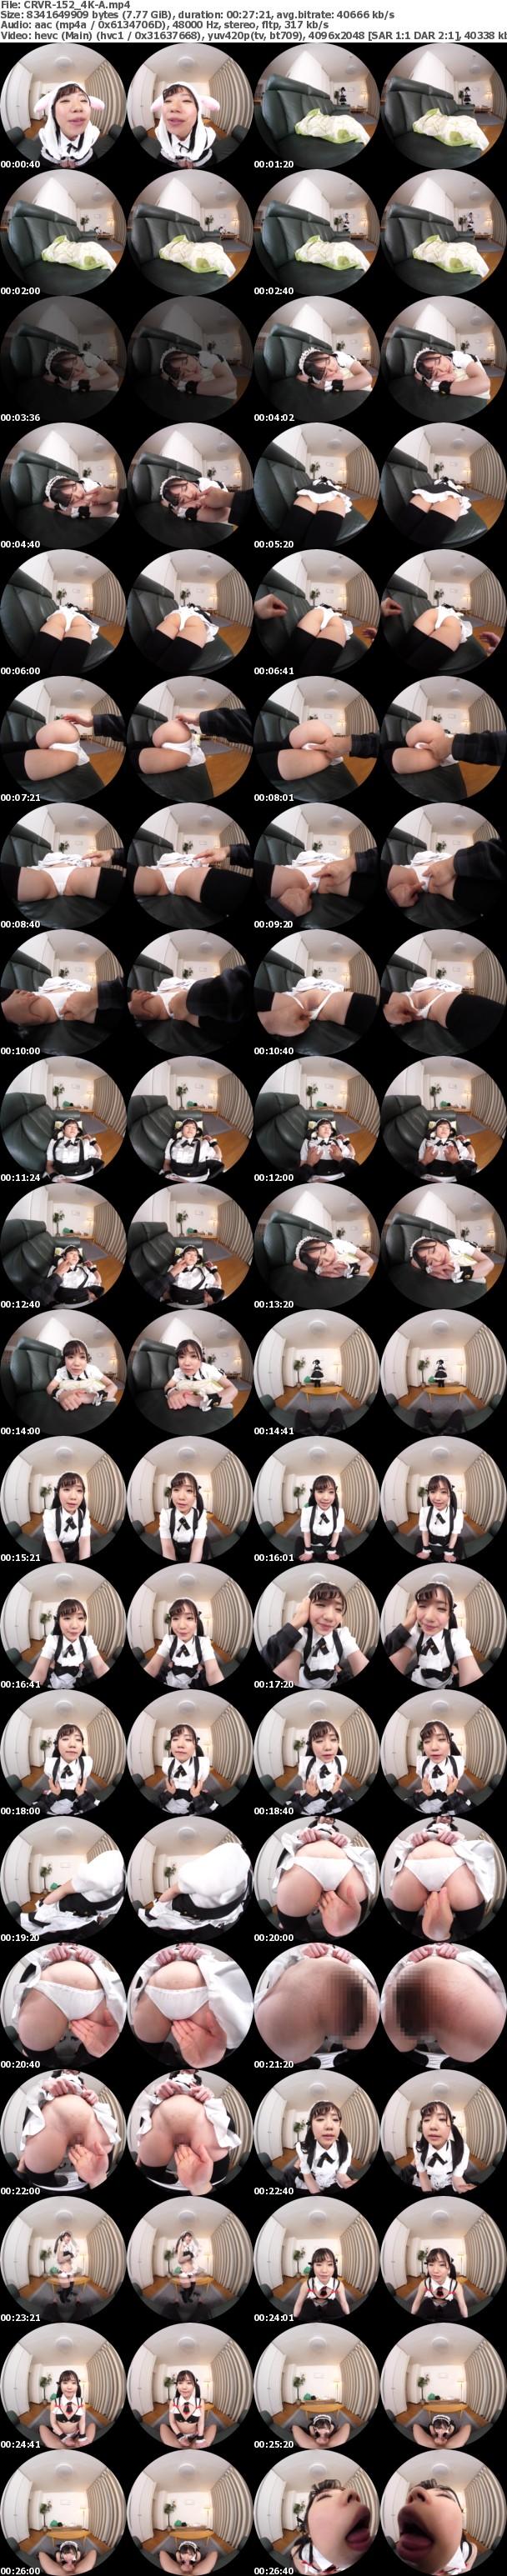 (VR) CRVR-152 【4K匠】有栖るる うたた寝メイドにエッチないたずら!ボクのことを好き過ぎるご奉仕メイドとのなんともうらやましい日常。